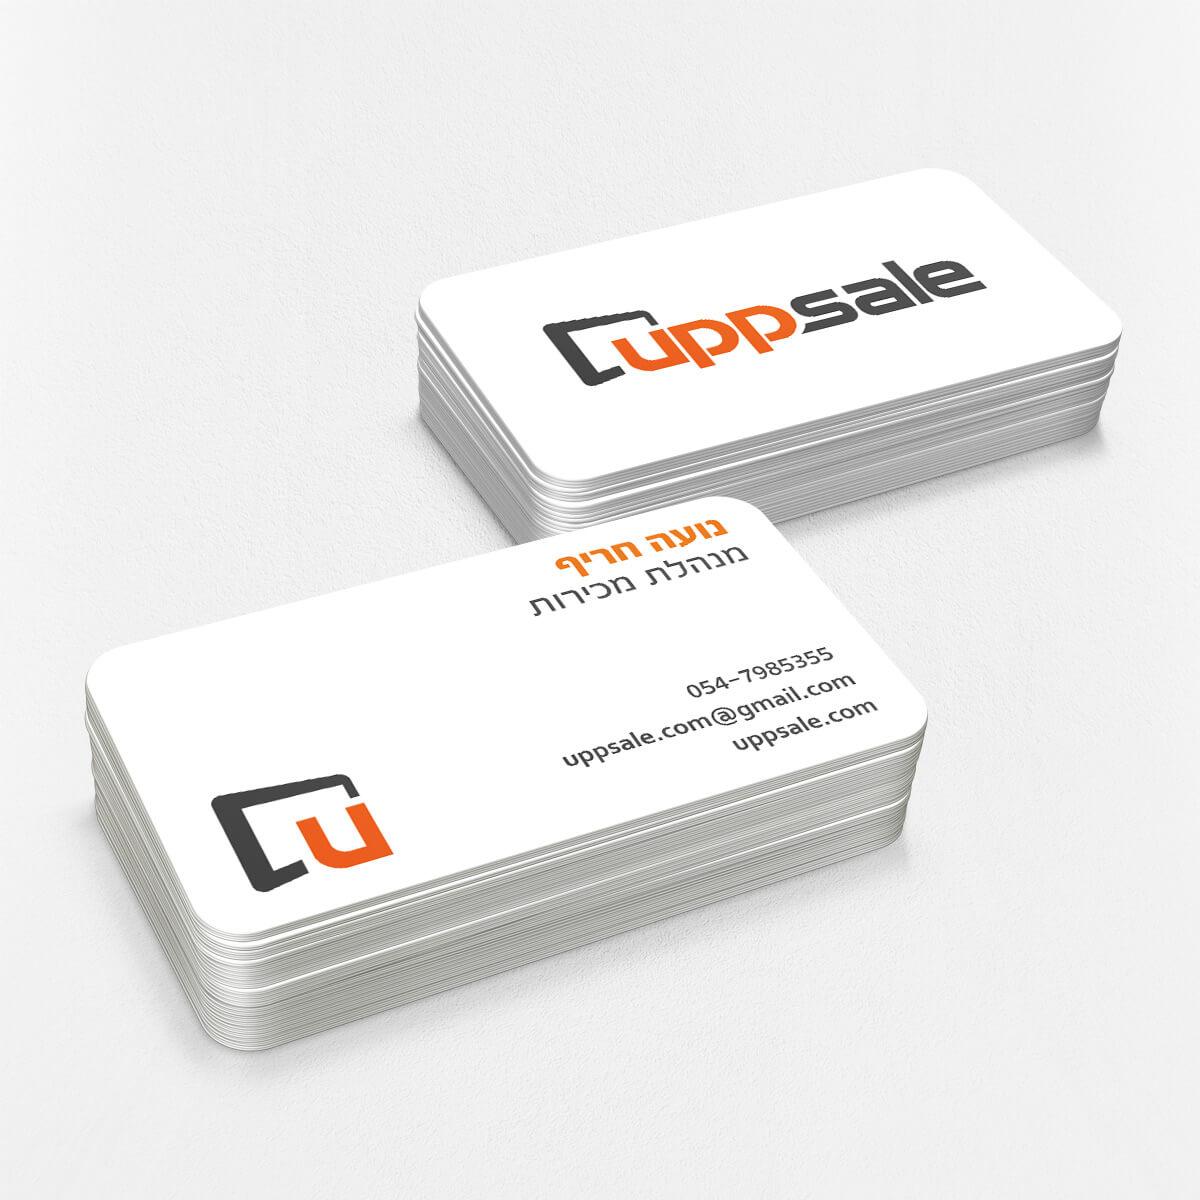 עיצוב כרטיסי ביקור uppsale תפריטים אינטראקטיבים למסעדות | ליאור דקל ליבה